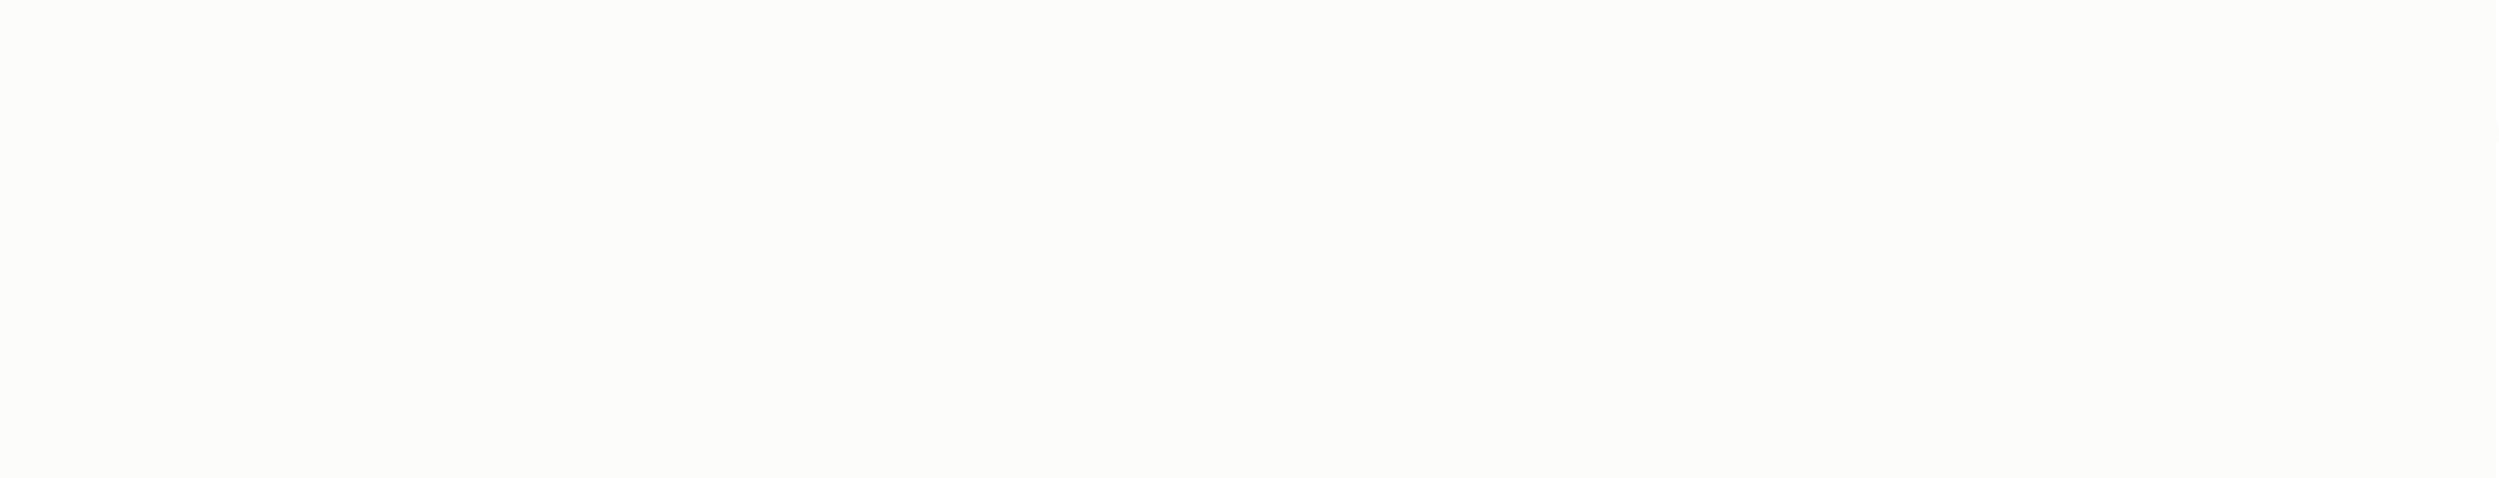 Murdock Logo Pantone 282